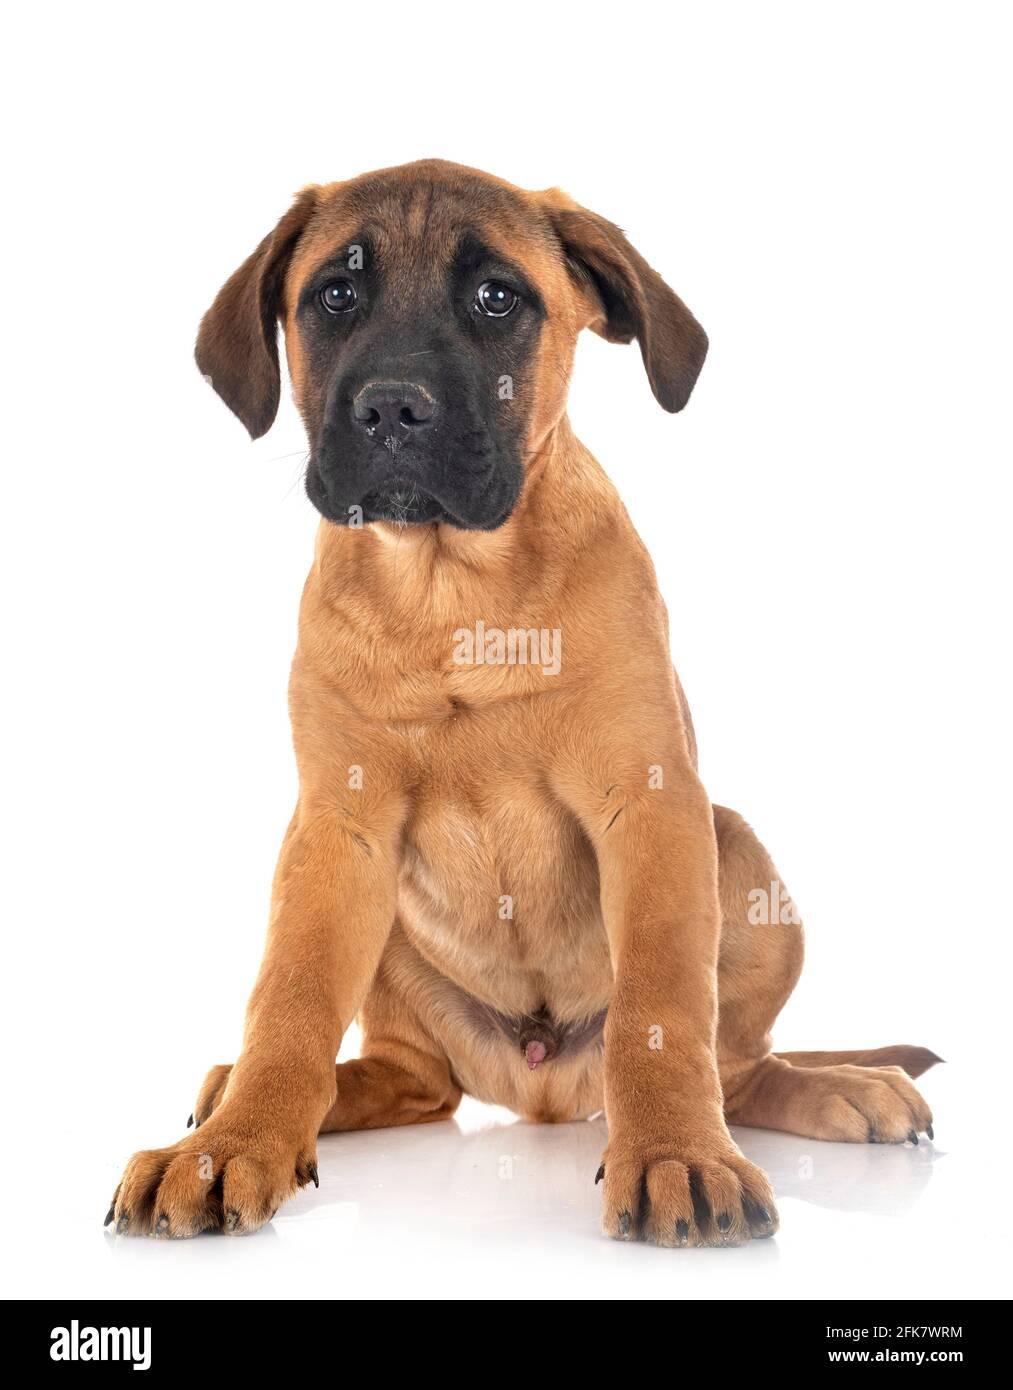 Cucciolo di Mastino italiano davanti a uno sfondo bianco Foto Stock